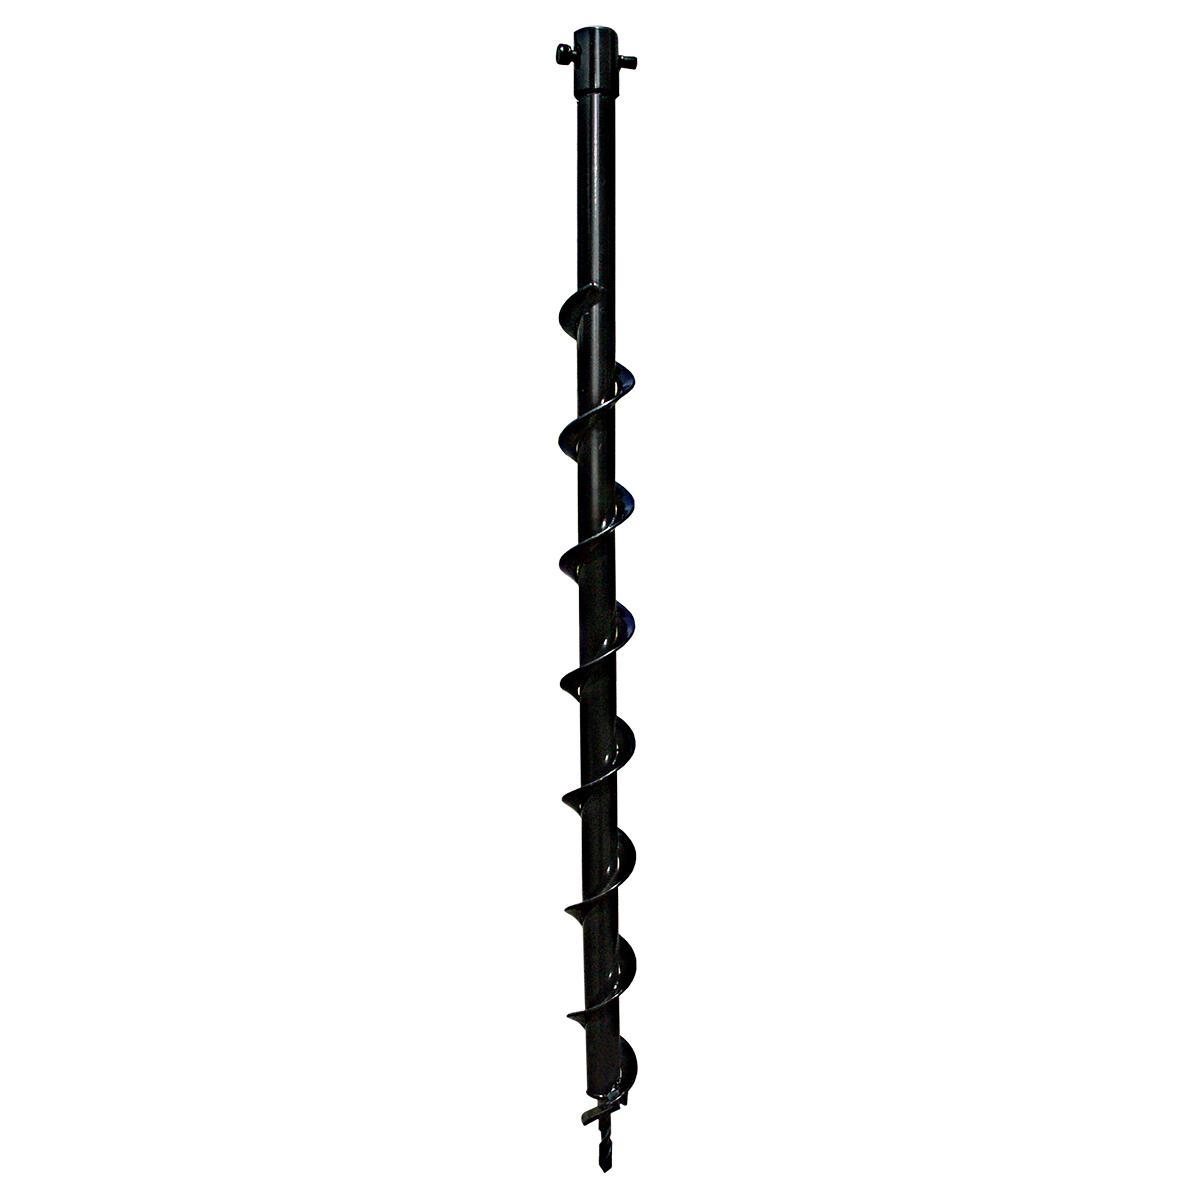 Шнек для мотобура ADA Drill 40/800 (+ Салфетки из микрофибры в подарок)